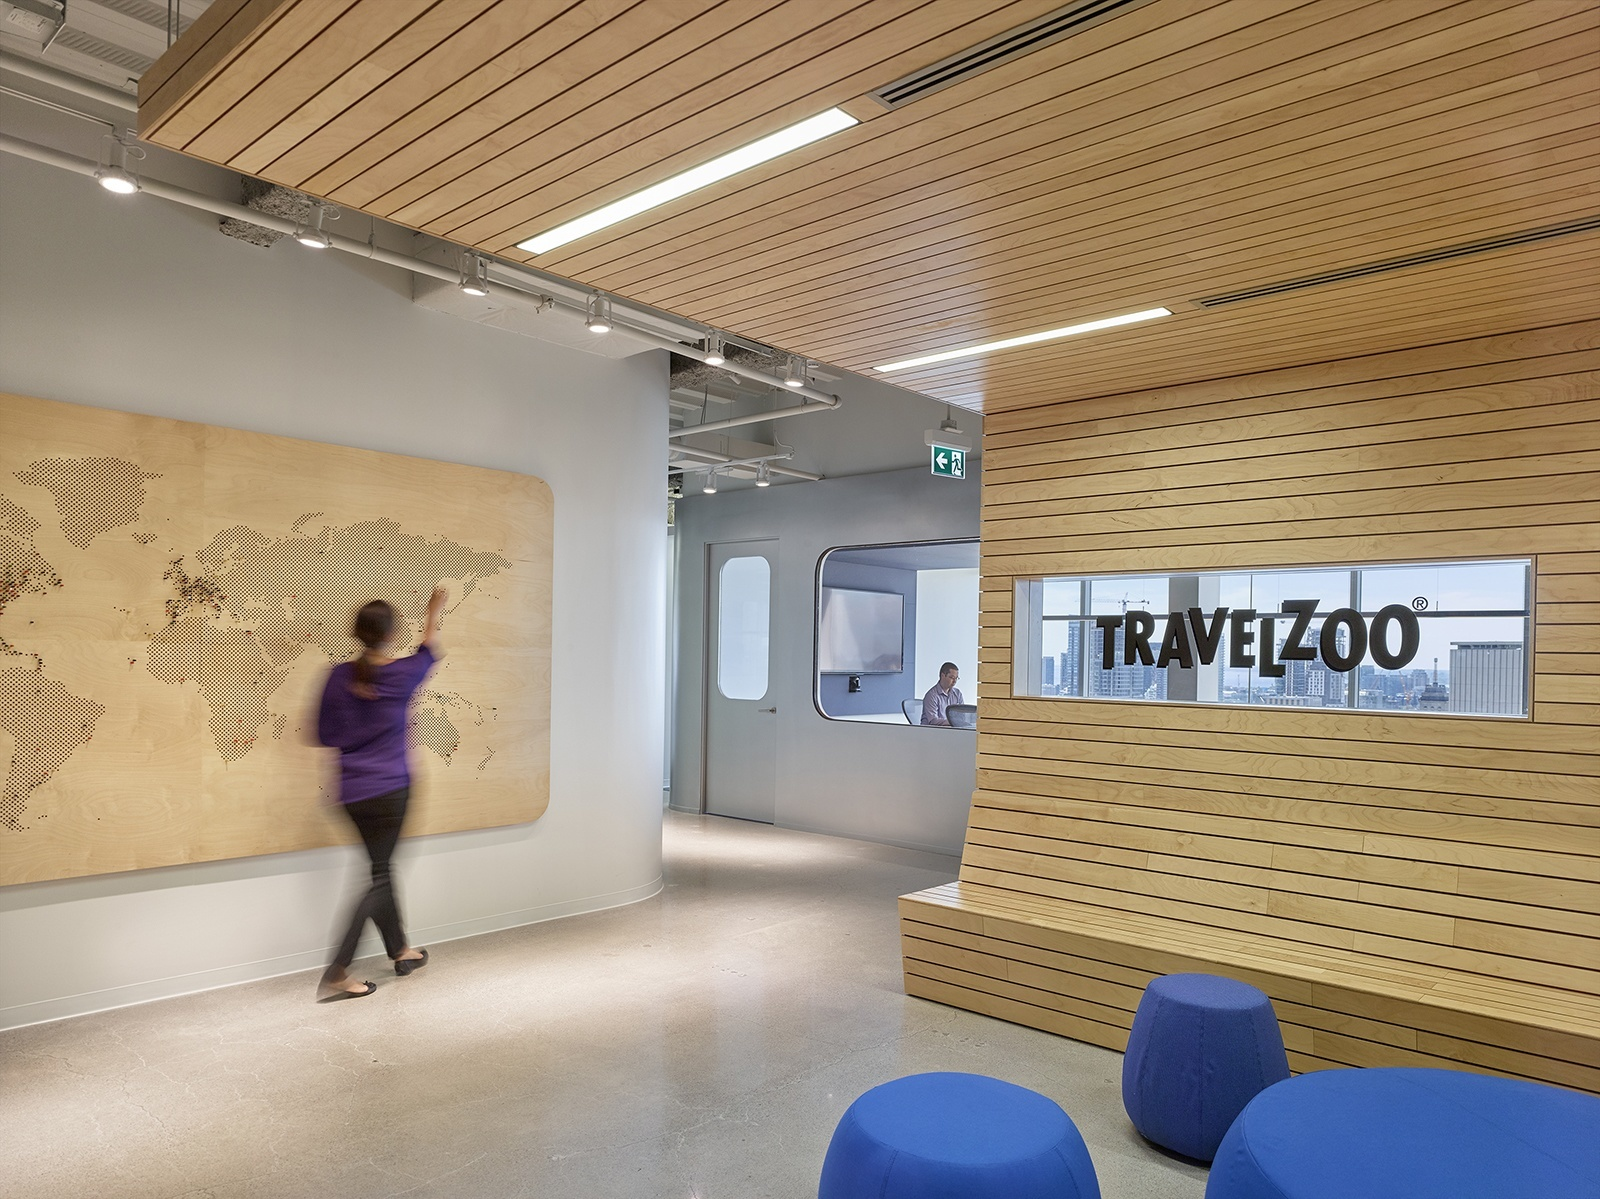 Travelzoo_03